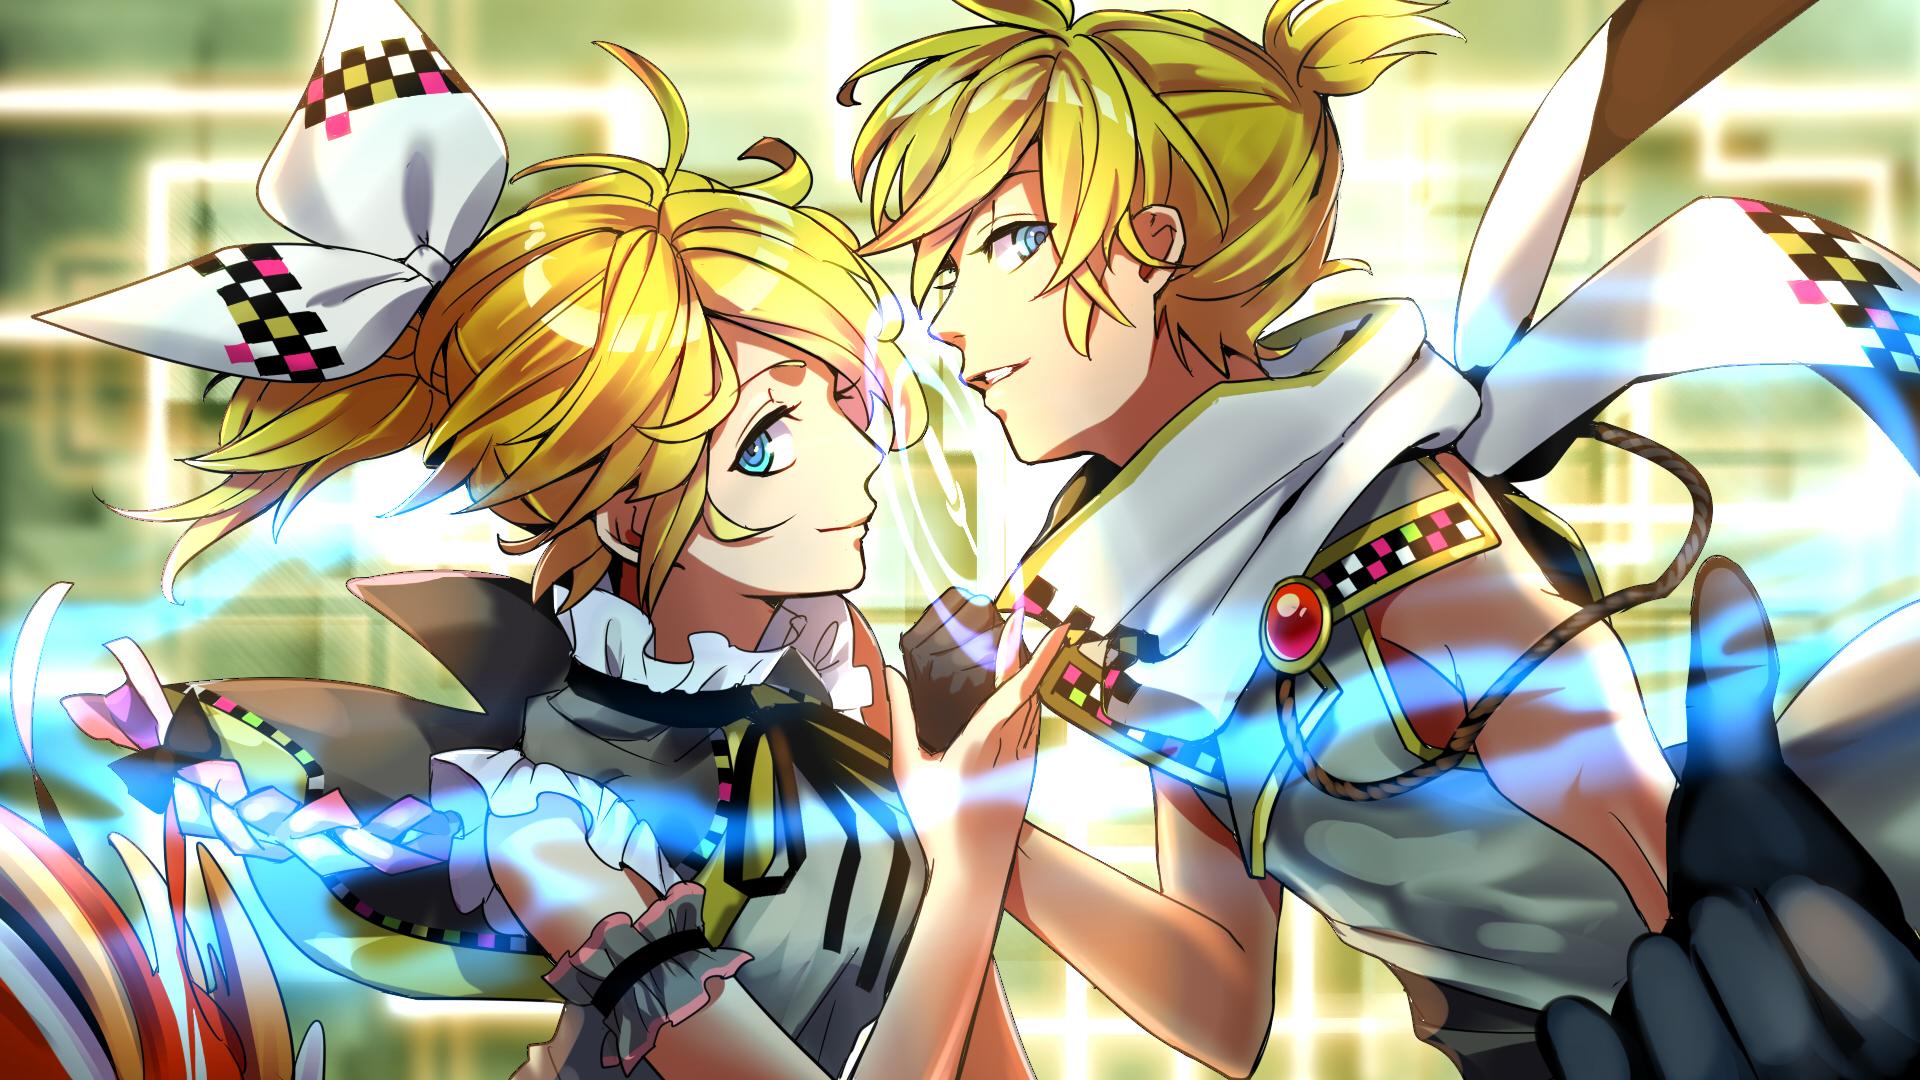 Kagamine Mirrors Vocaloid Hd Wallpaper 1525958